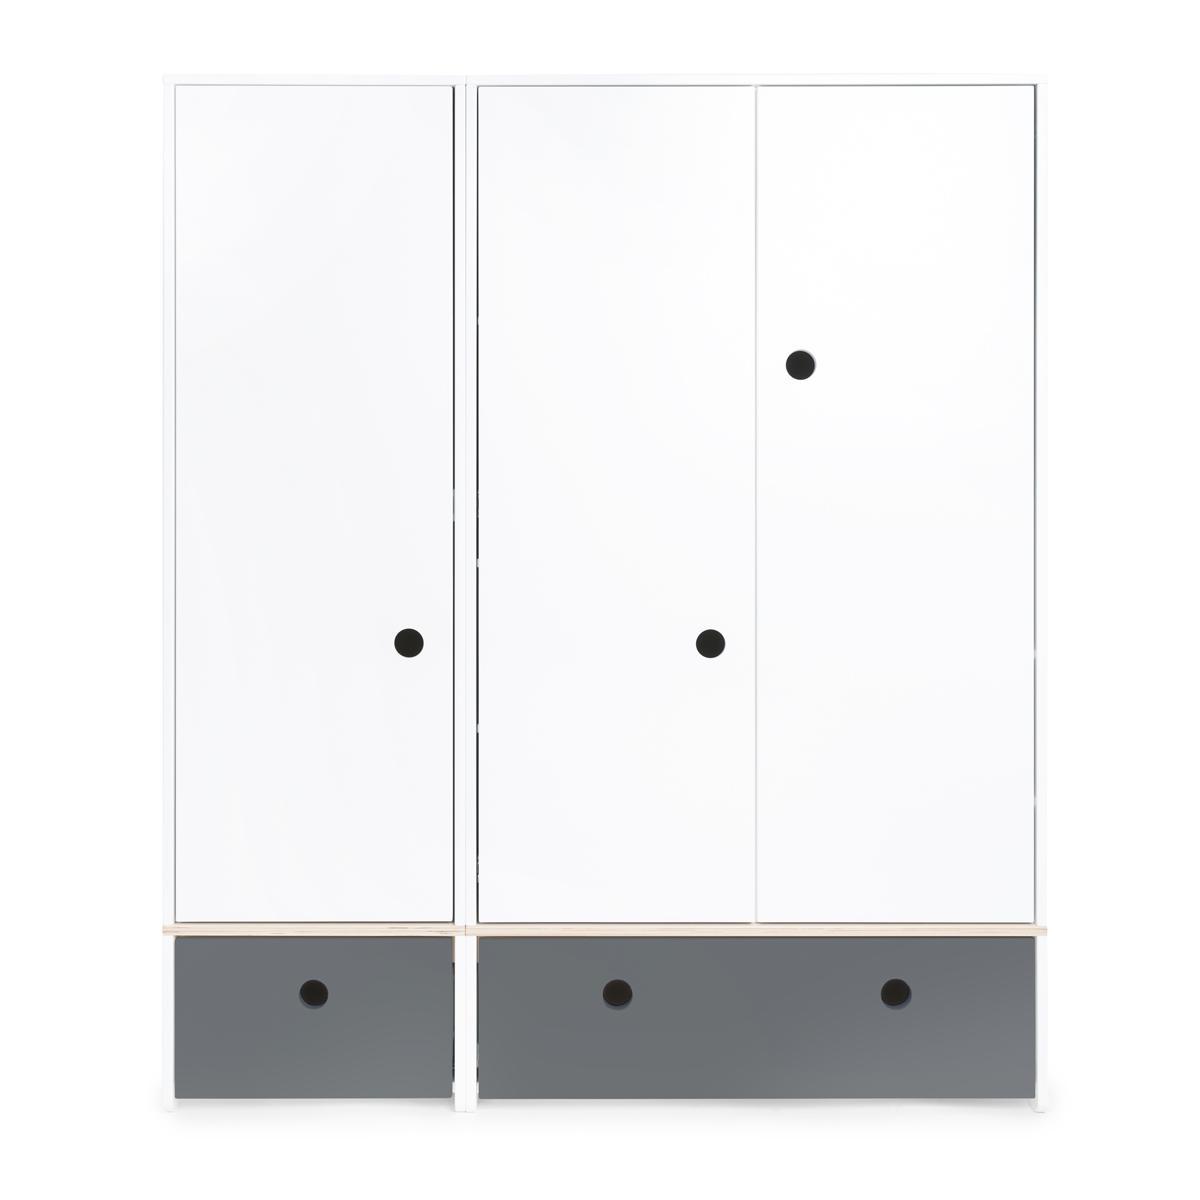 Kleiderschrank 3-türig COLORFLEX Schubladen space grey